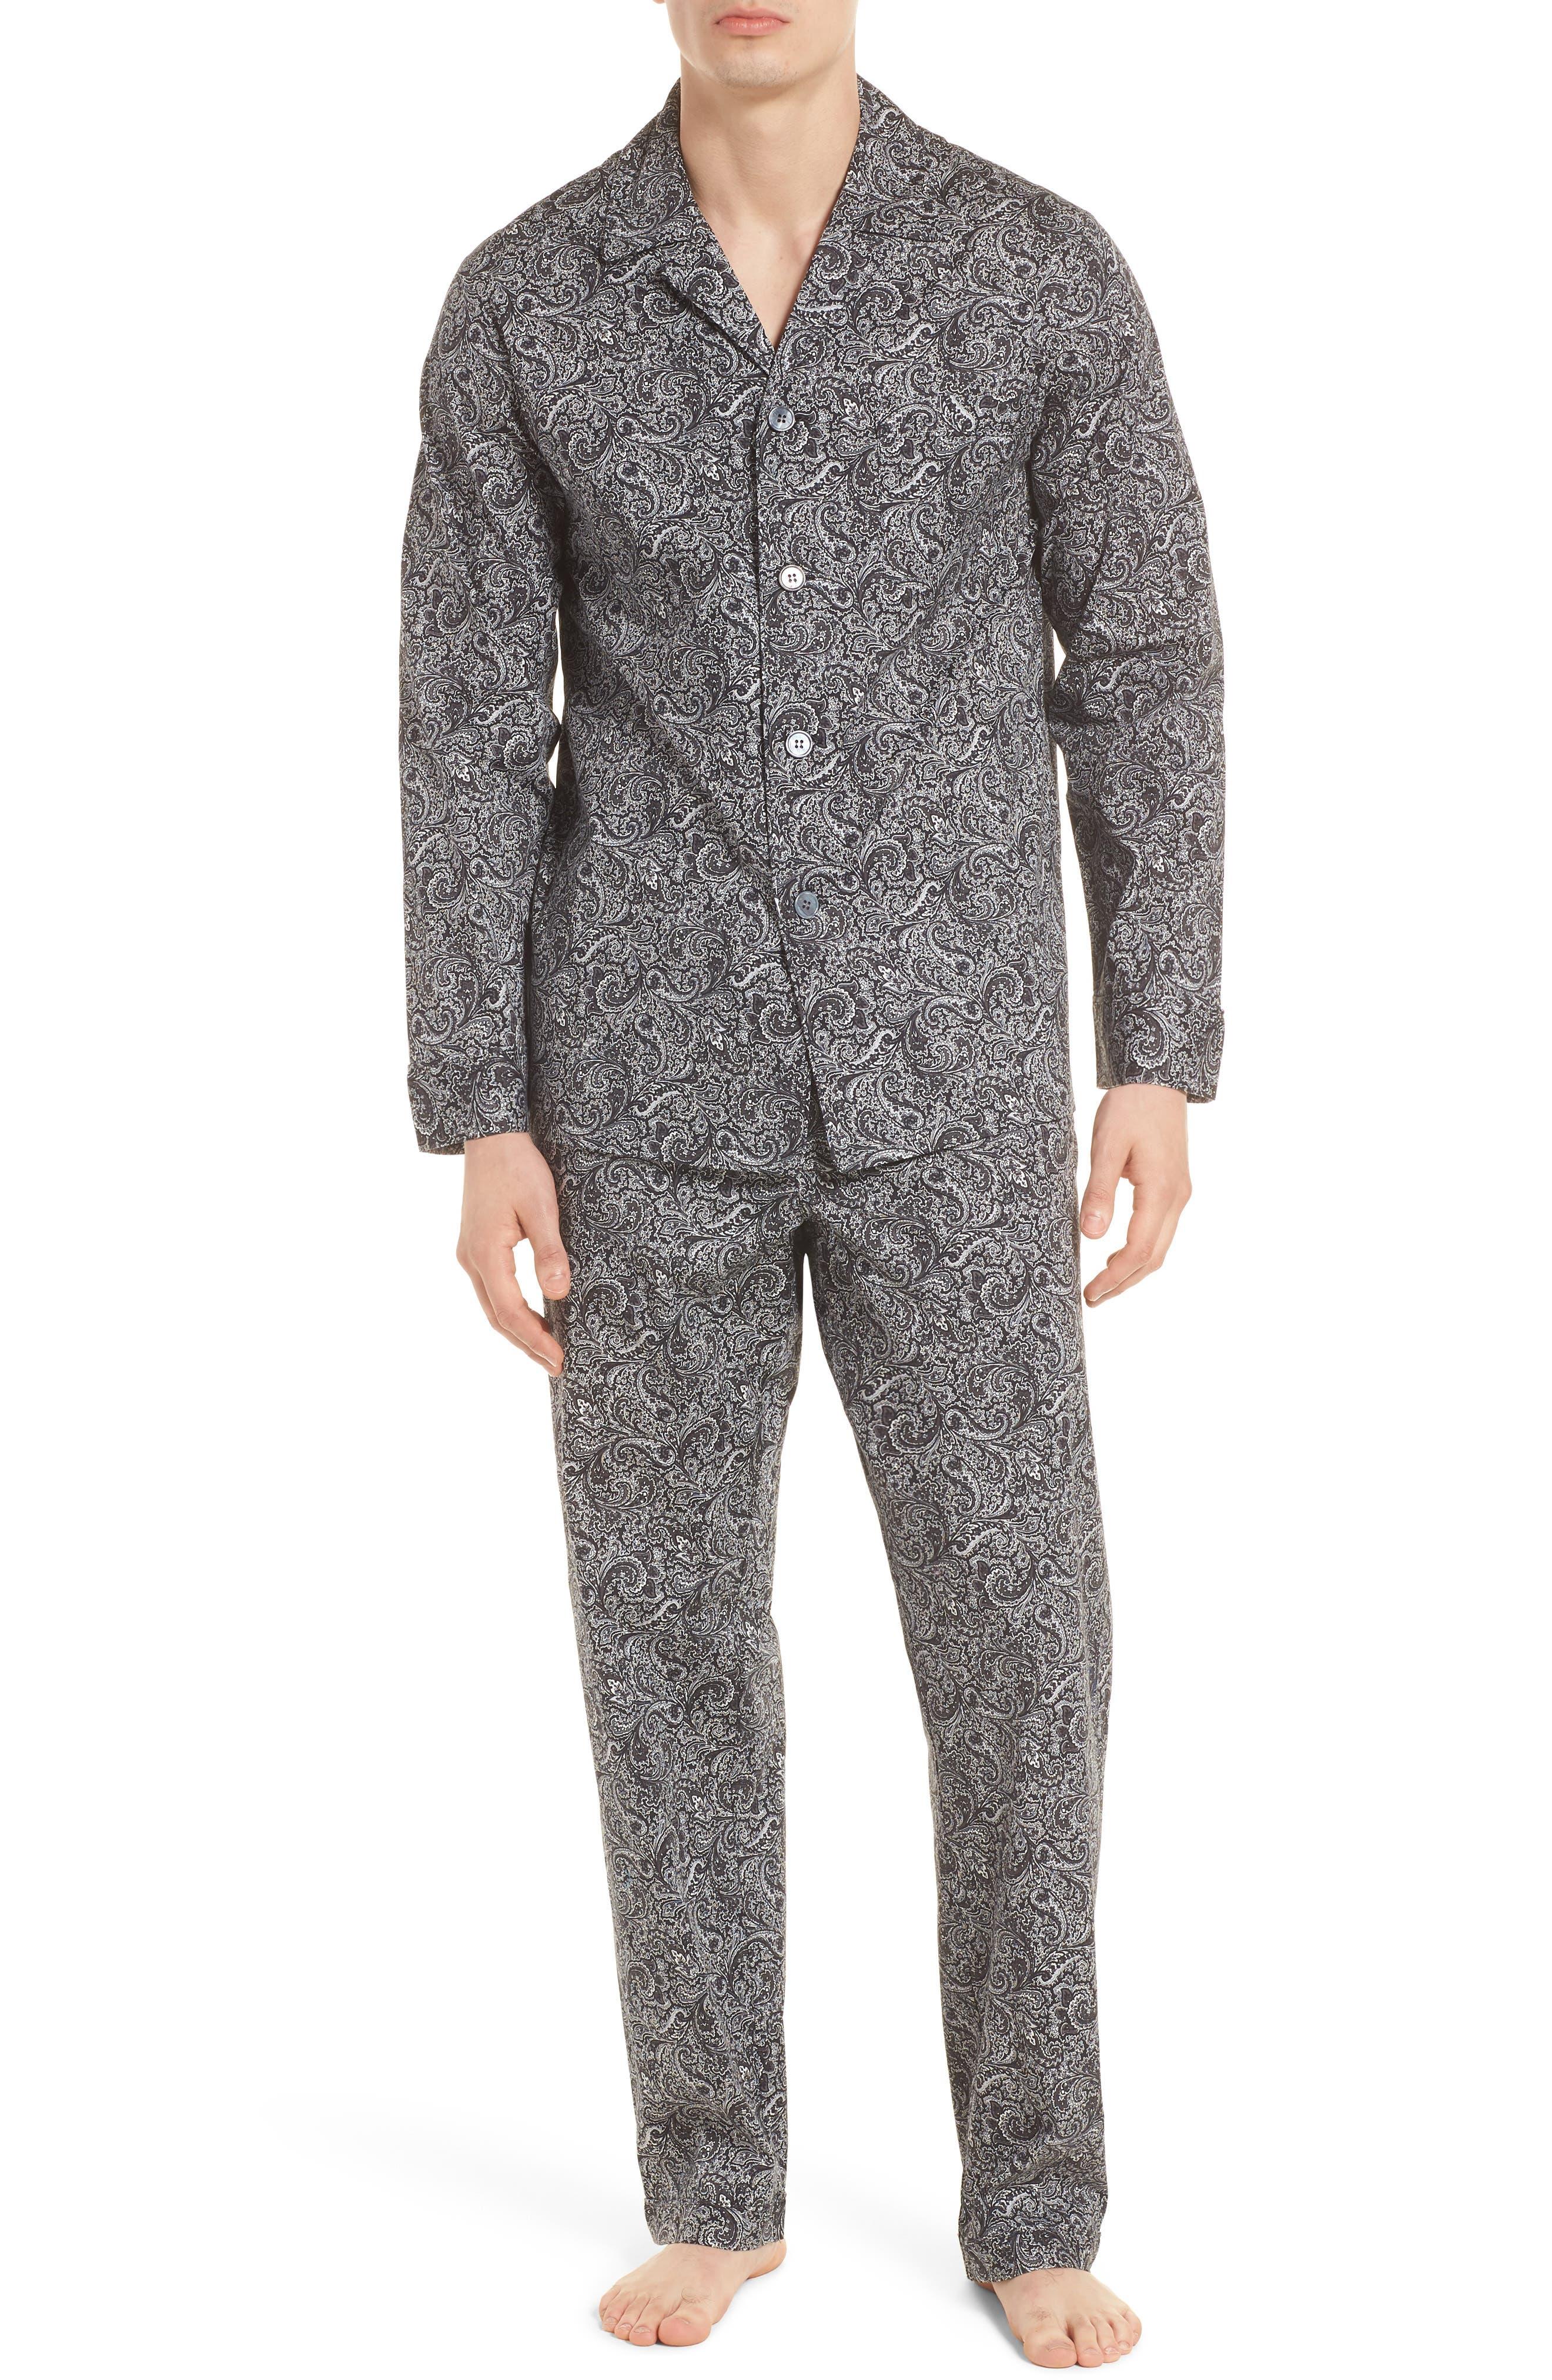 MAJESTIC INTERNATIONAL, Starling Pajama Set, Main thumbnail 1, color, BLACK PAISLEY